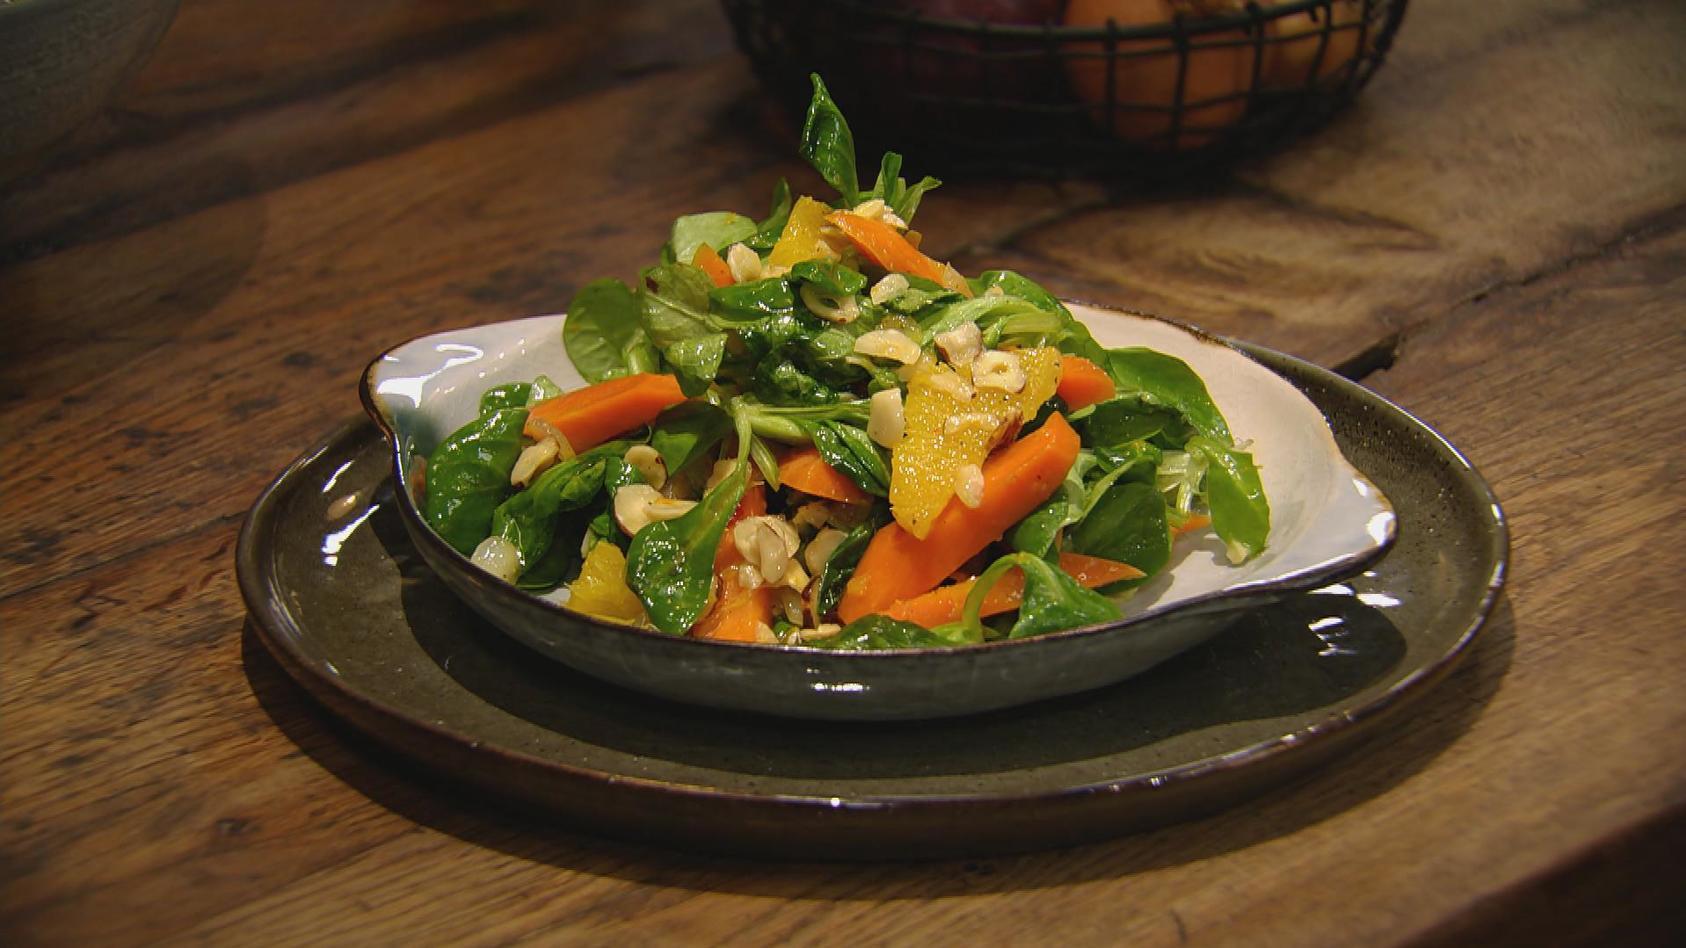 Lust auf Vegetarisch – Gemüse mal anders: In Orangensaft marinierte Möhren mit Feldsalat